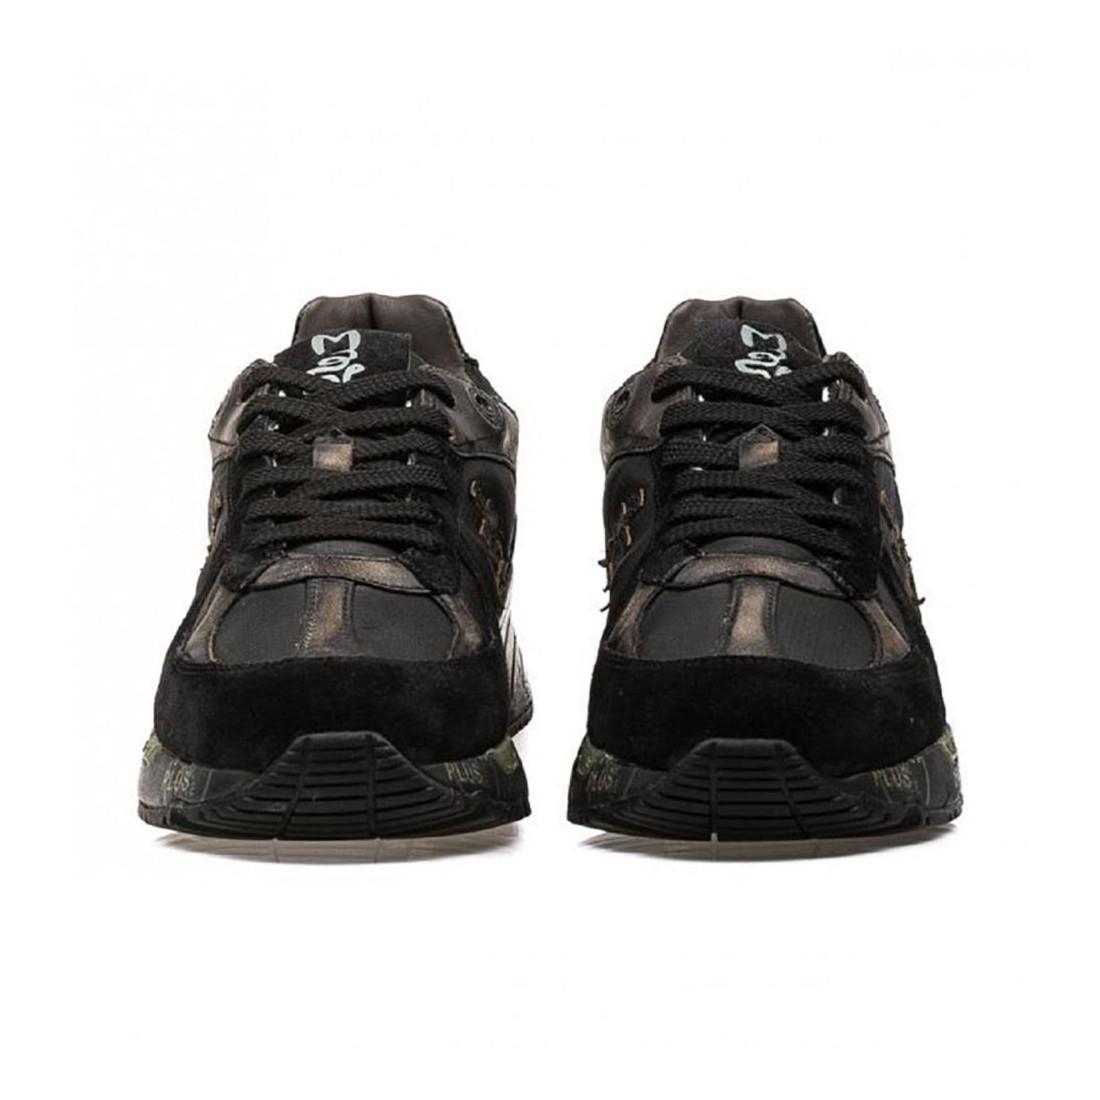 sneakers herren premiata mase5013 8846